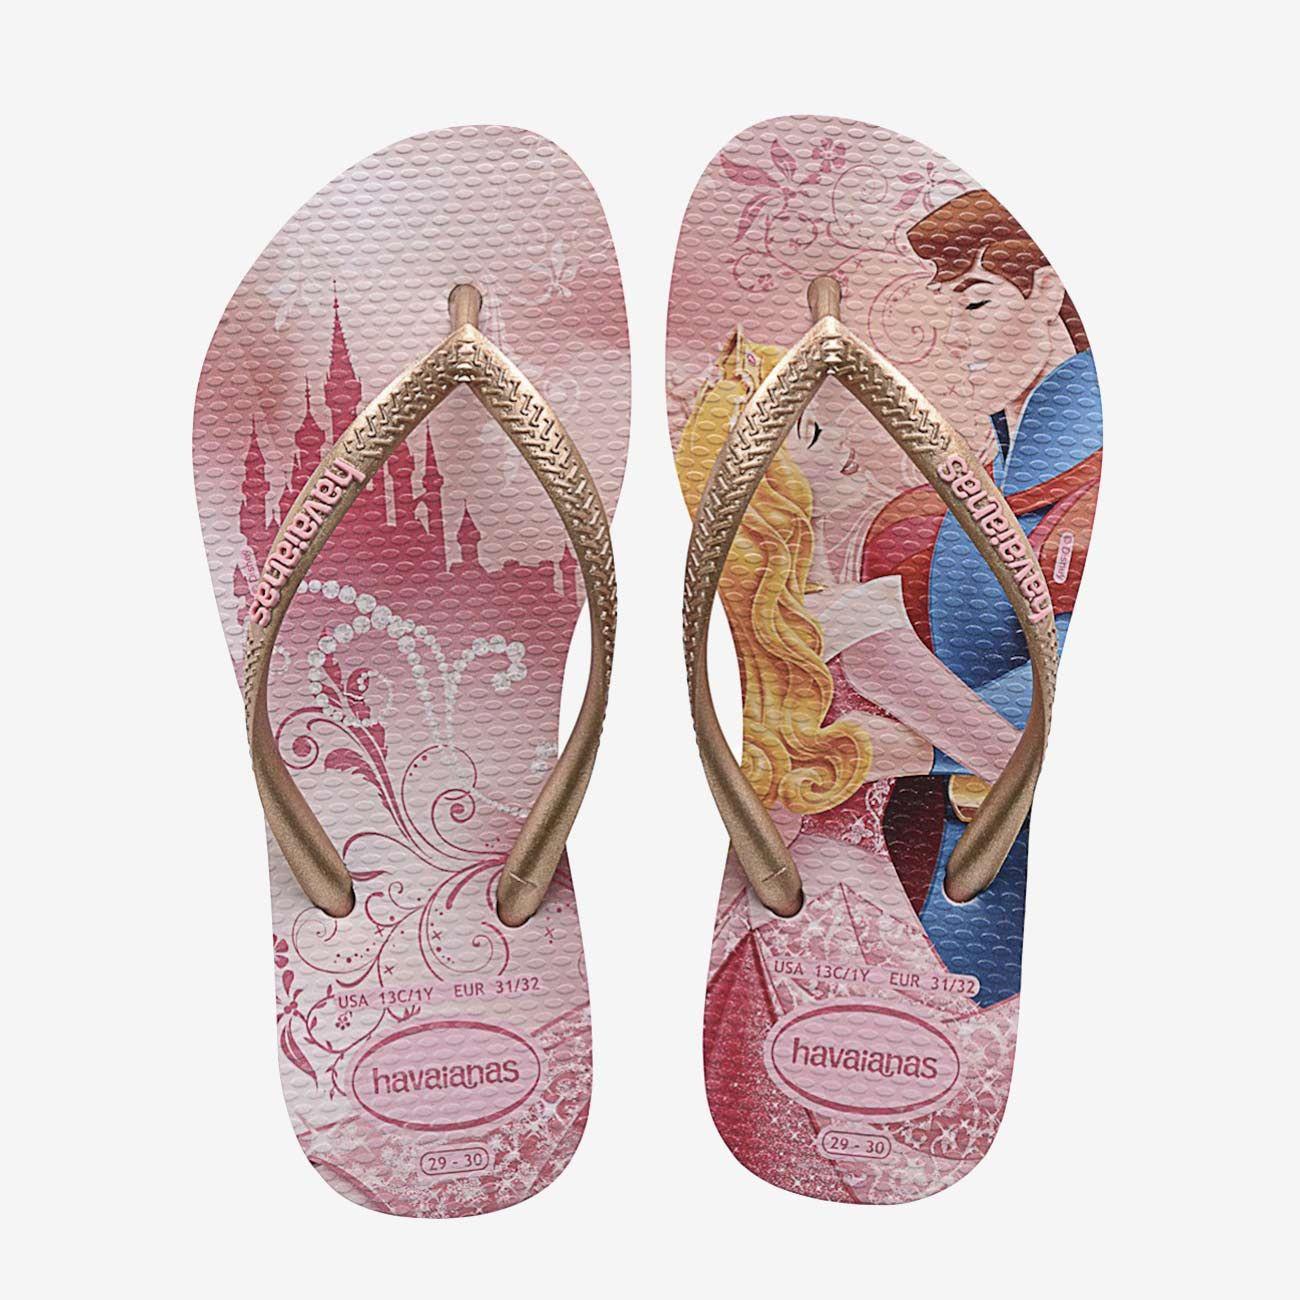 Havaianas Disney Chaussures Roses Pour Enfants or8Q9fh7Y